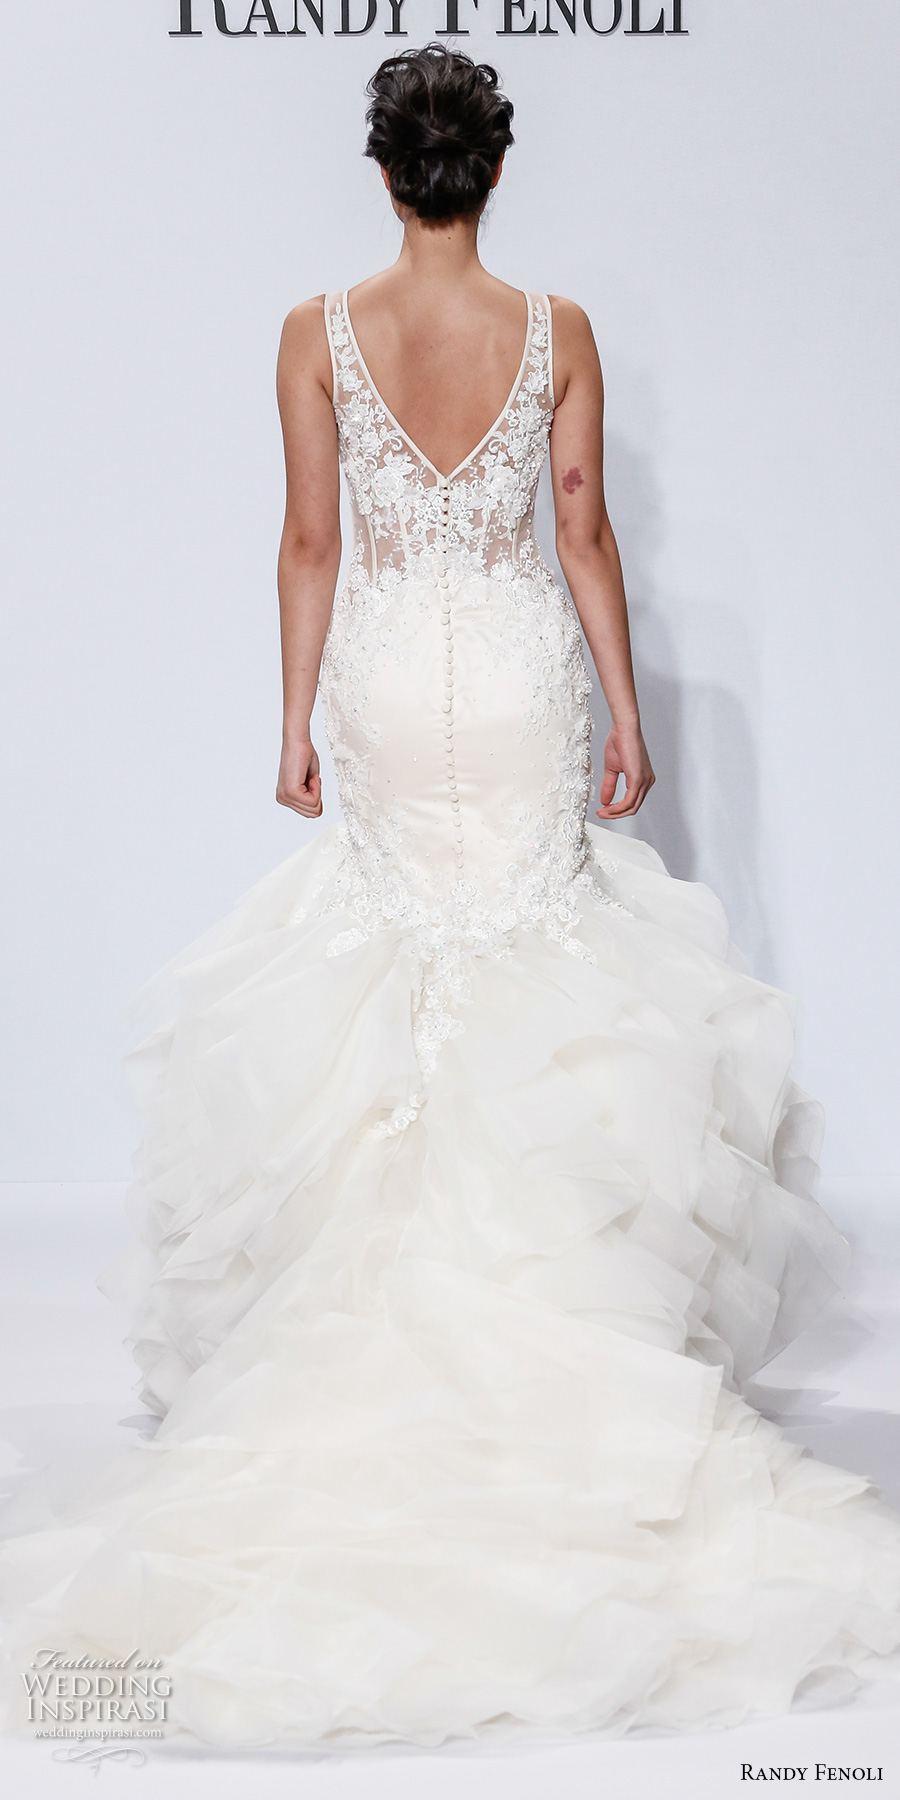 Randy Fenoli wedding dresses was your favorite? Bild könnte enthalten: 16 Personen, Personen, die lachen, Personen, die stehen